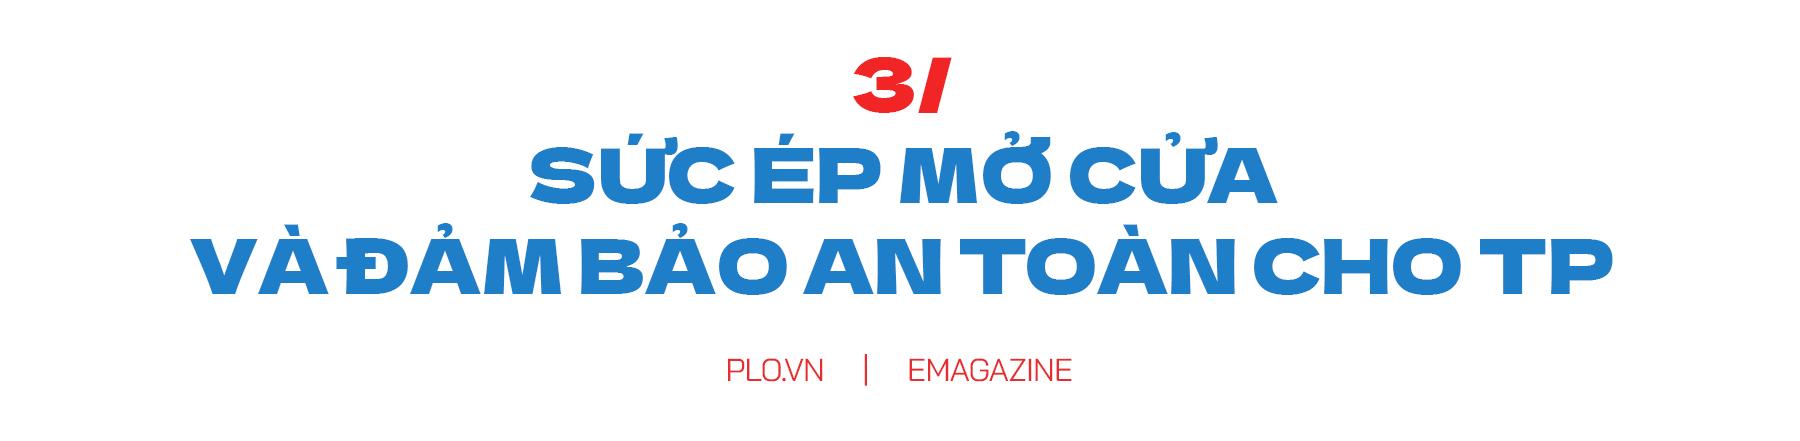 Emagazine: TP.HCM và cuộc chiến xoay chiều trước đại dịch COVID-19 - ảnh 18